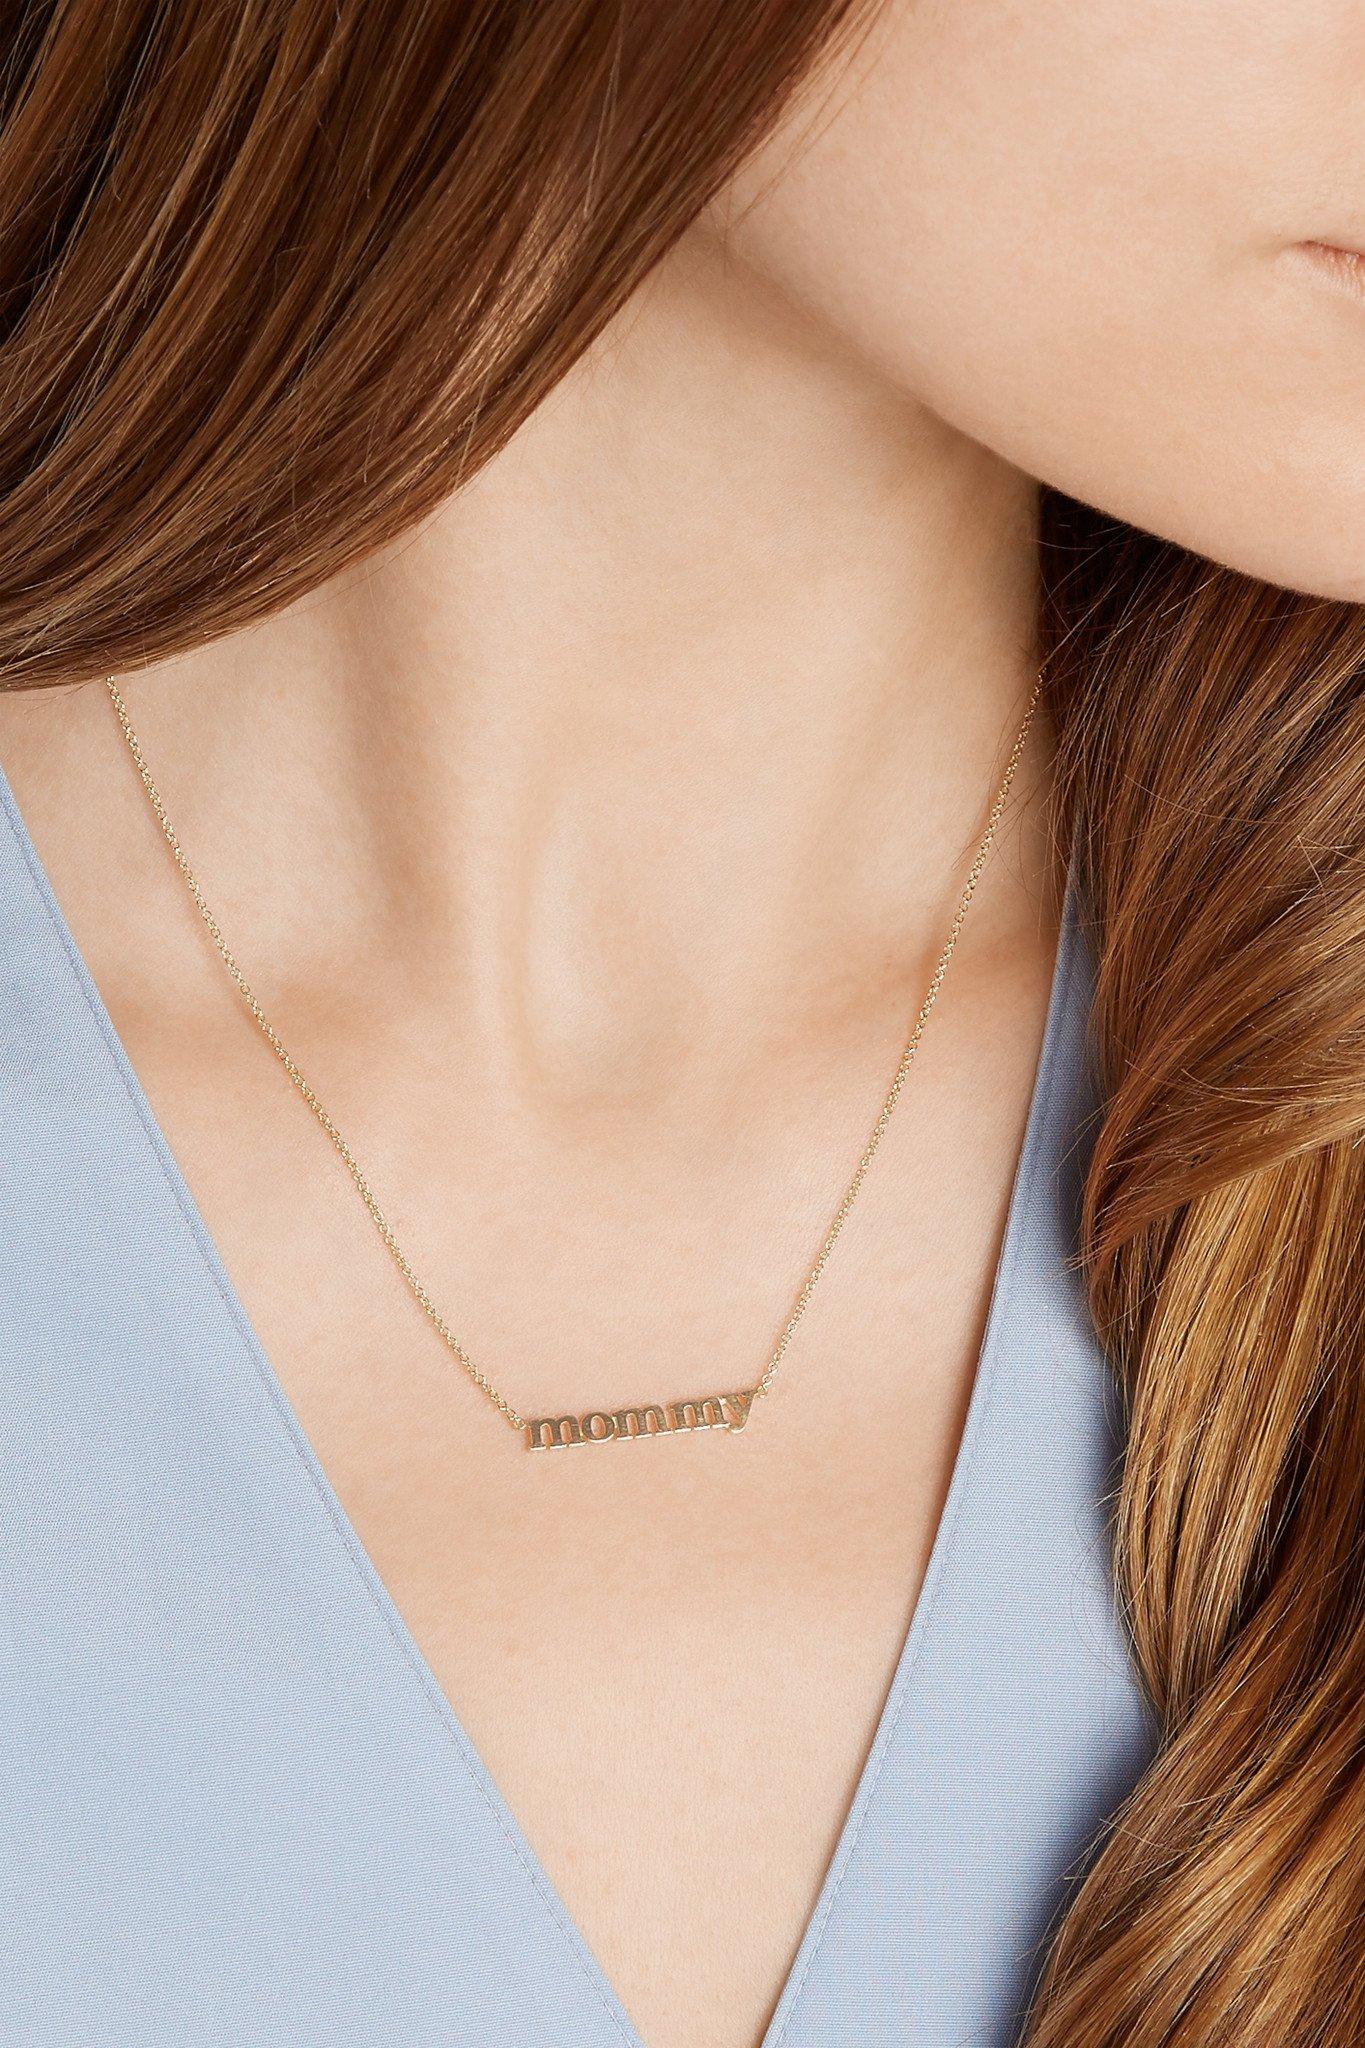 Lyst jennifer meyer mommy 18 karat gold necklace in metallic gallery aloadofball Gallery